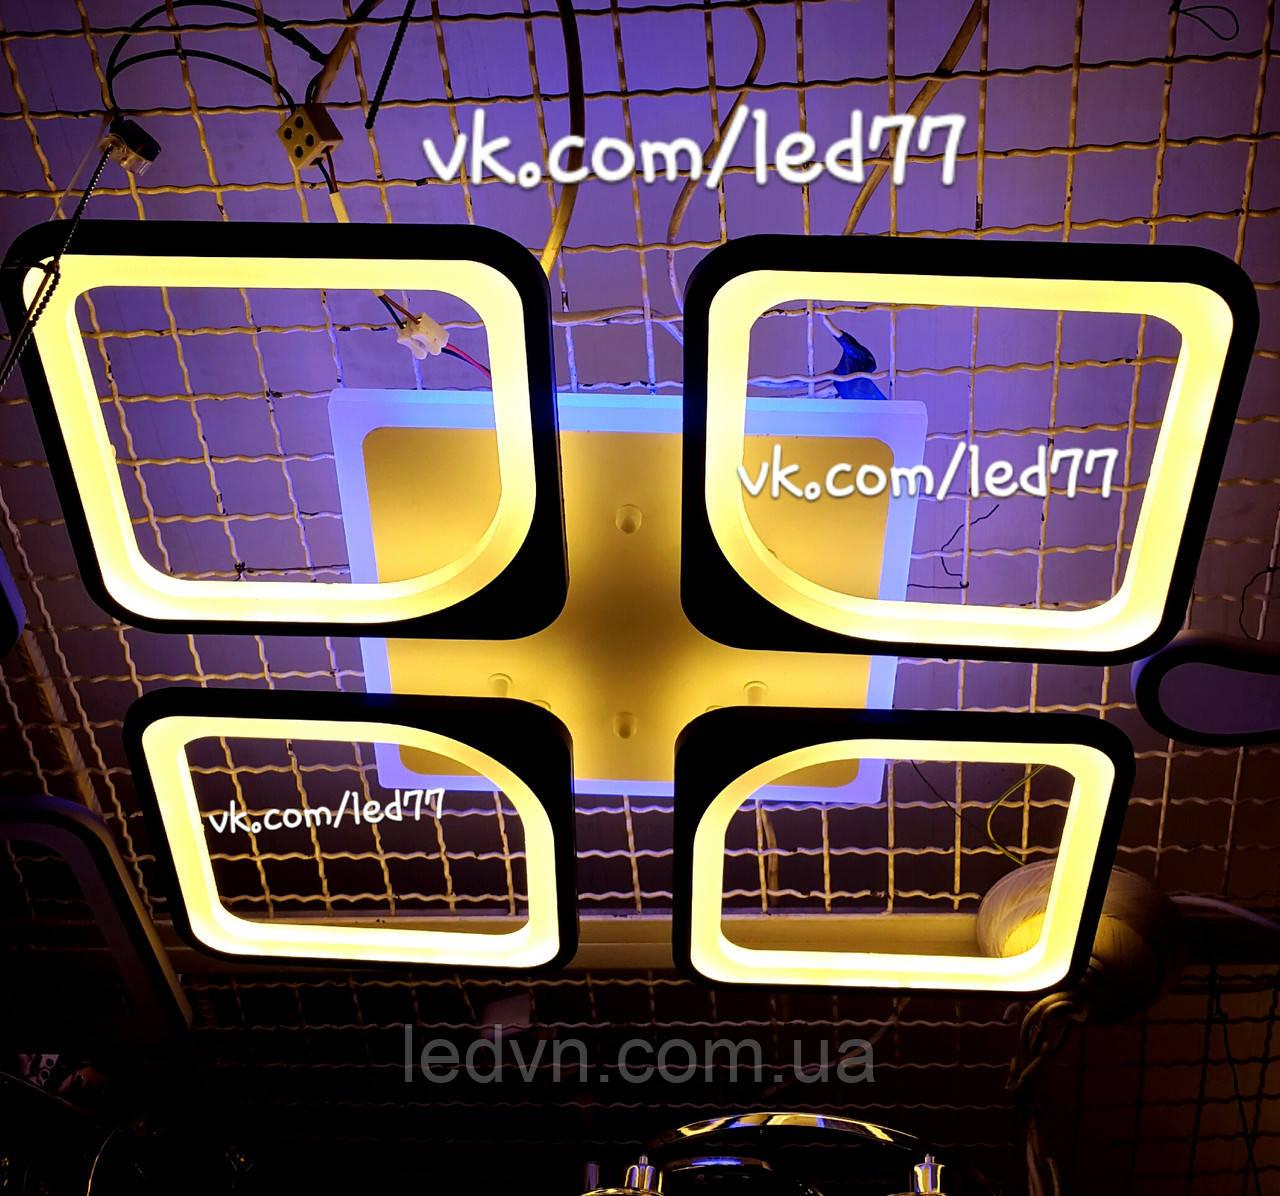 Світлодіодна люстра на 4 чорних квадрата з підсвічуванням синього кольору 110 ватт